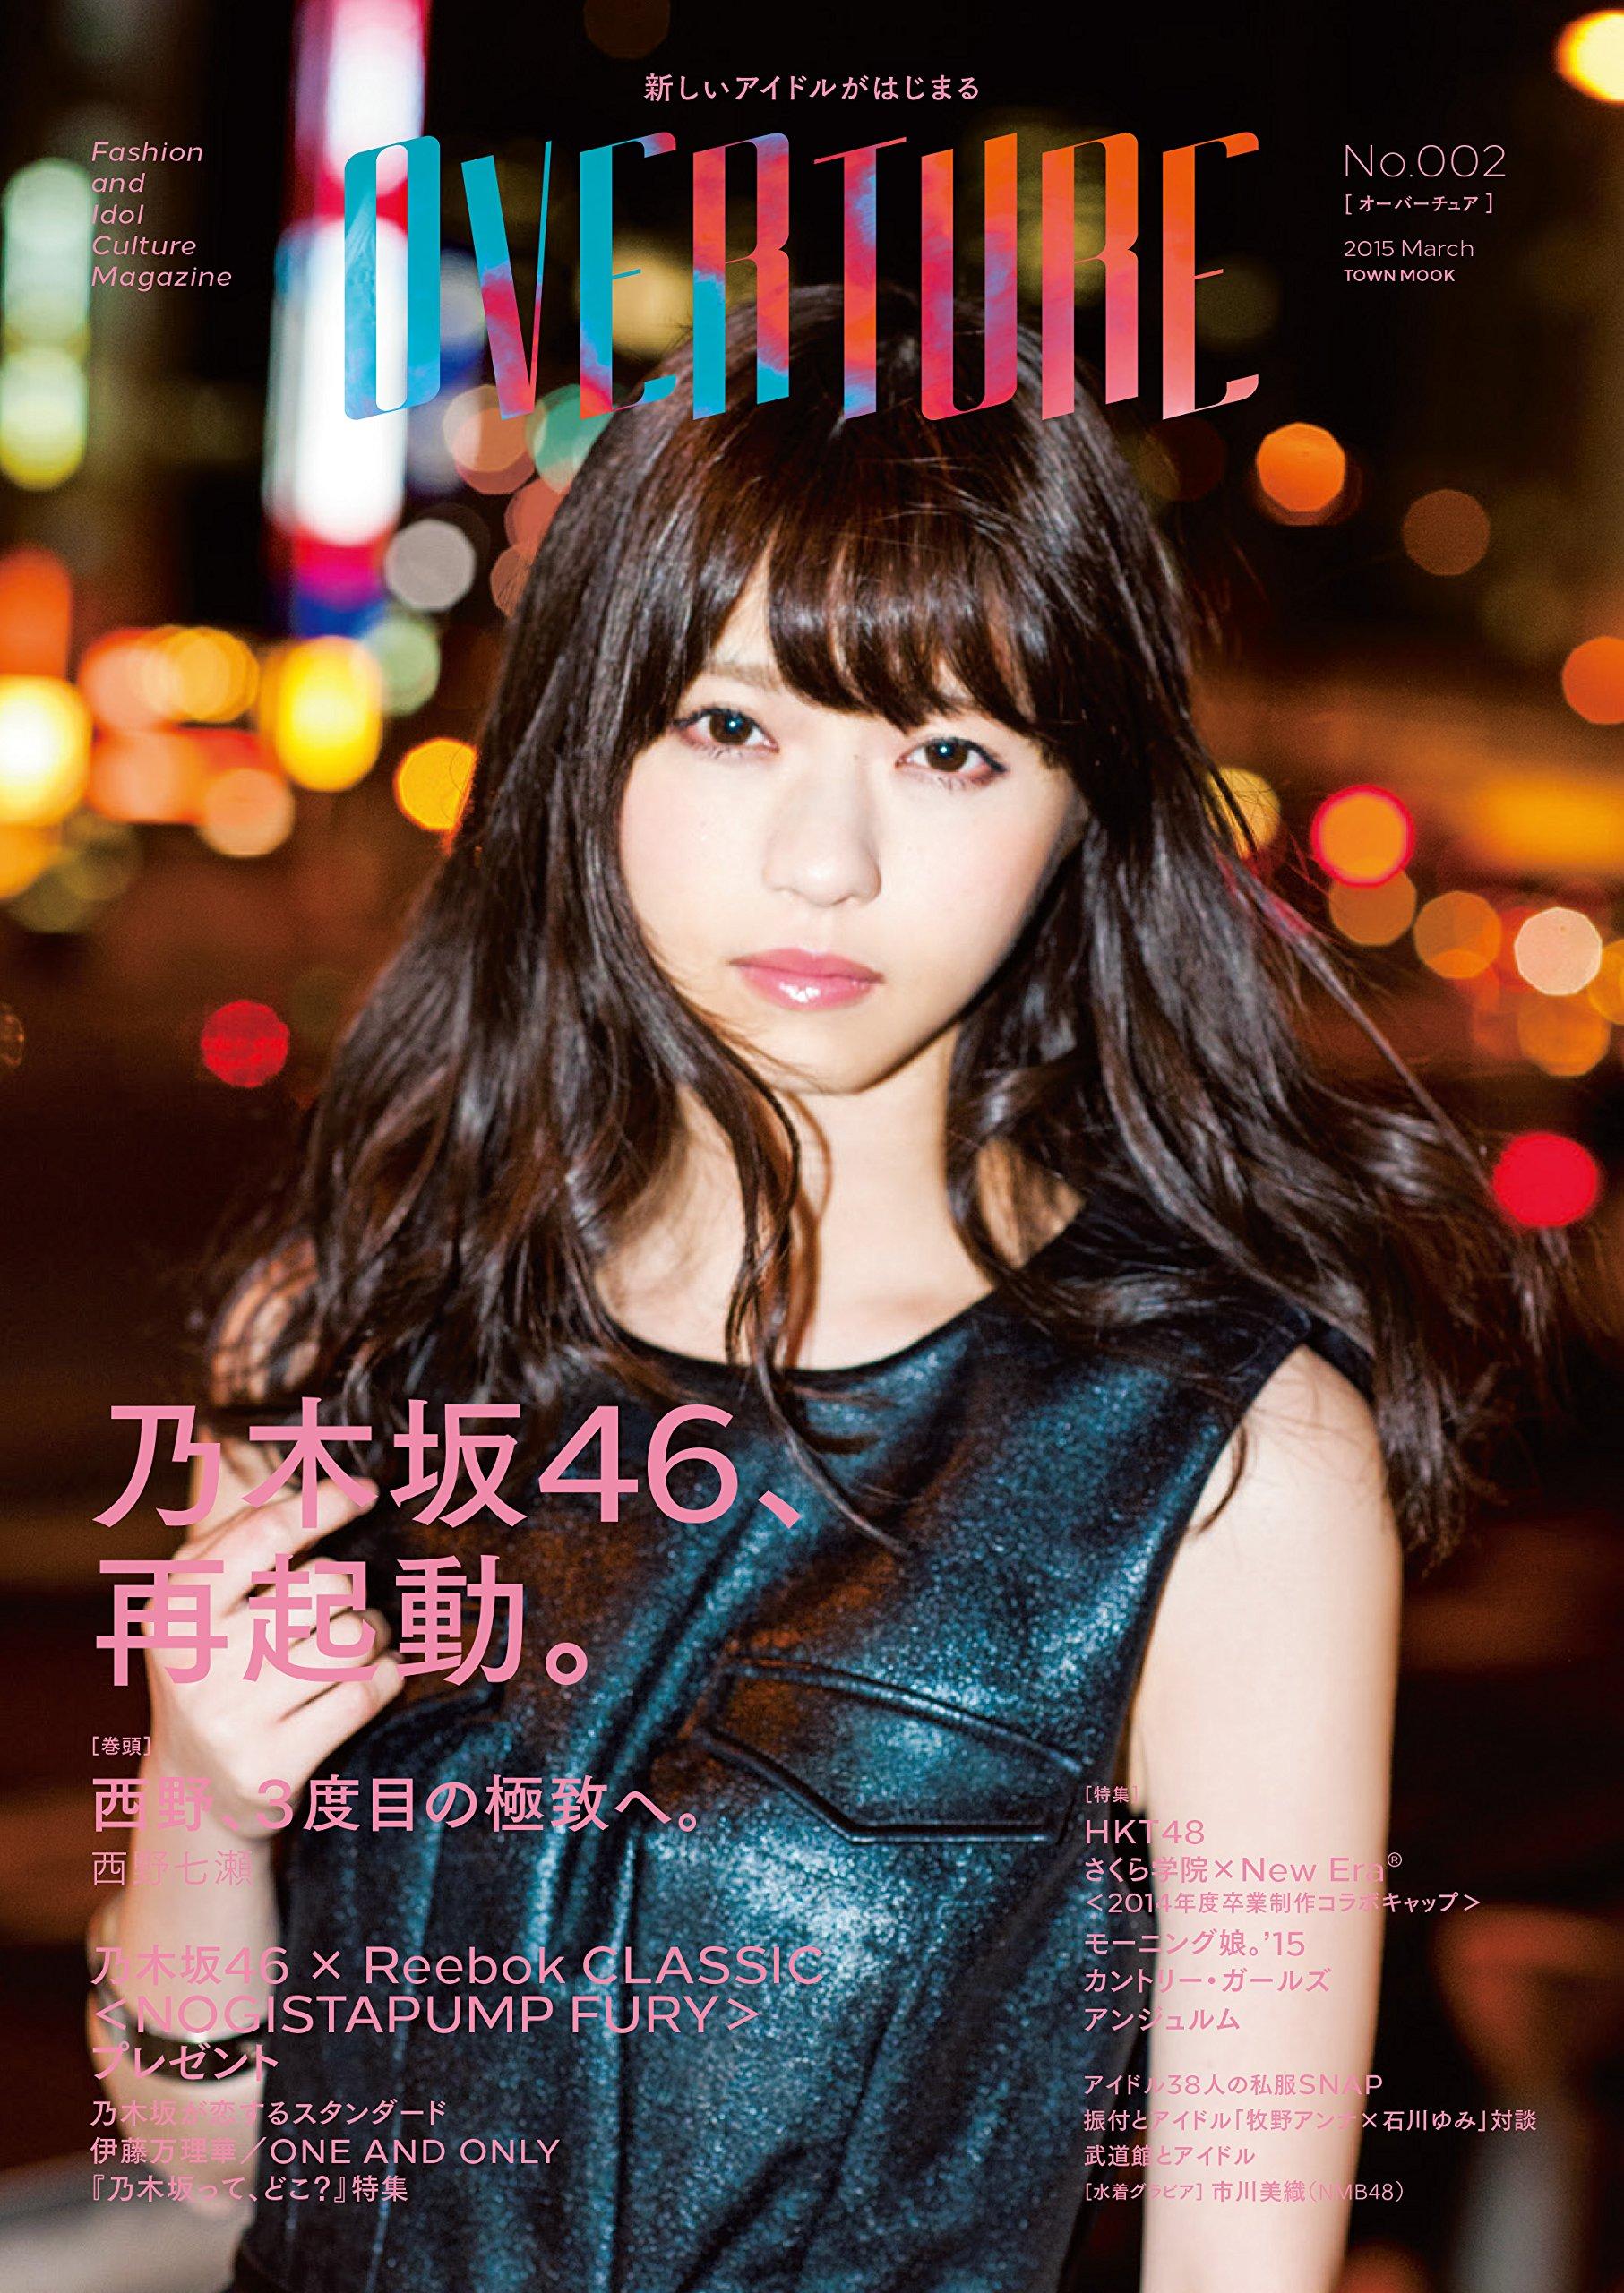 西野七瀬 OVERTURE No.002